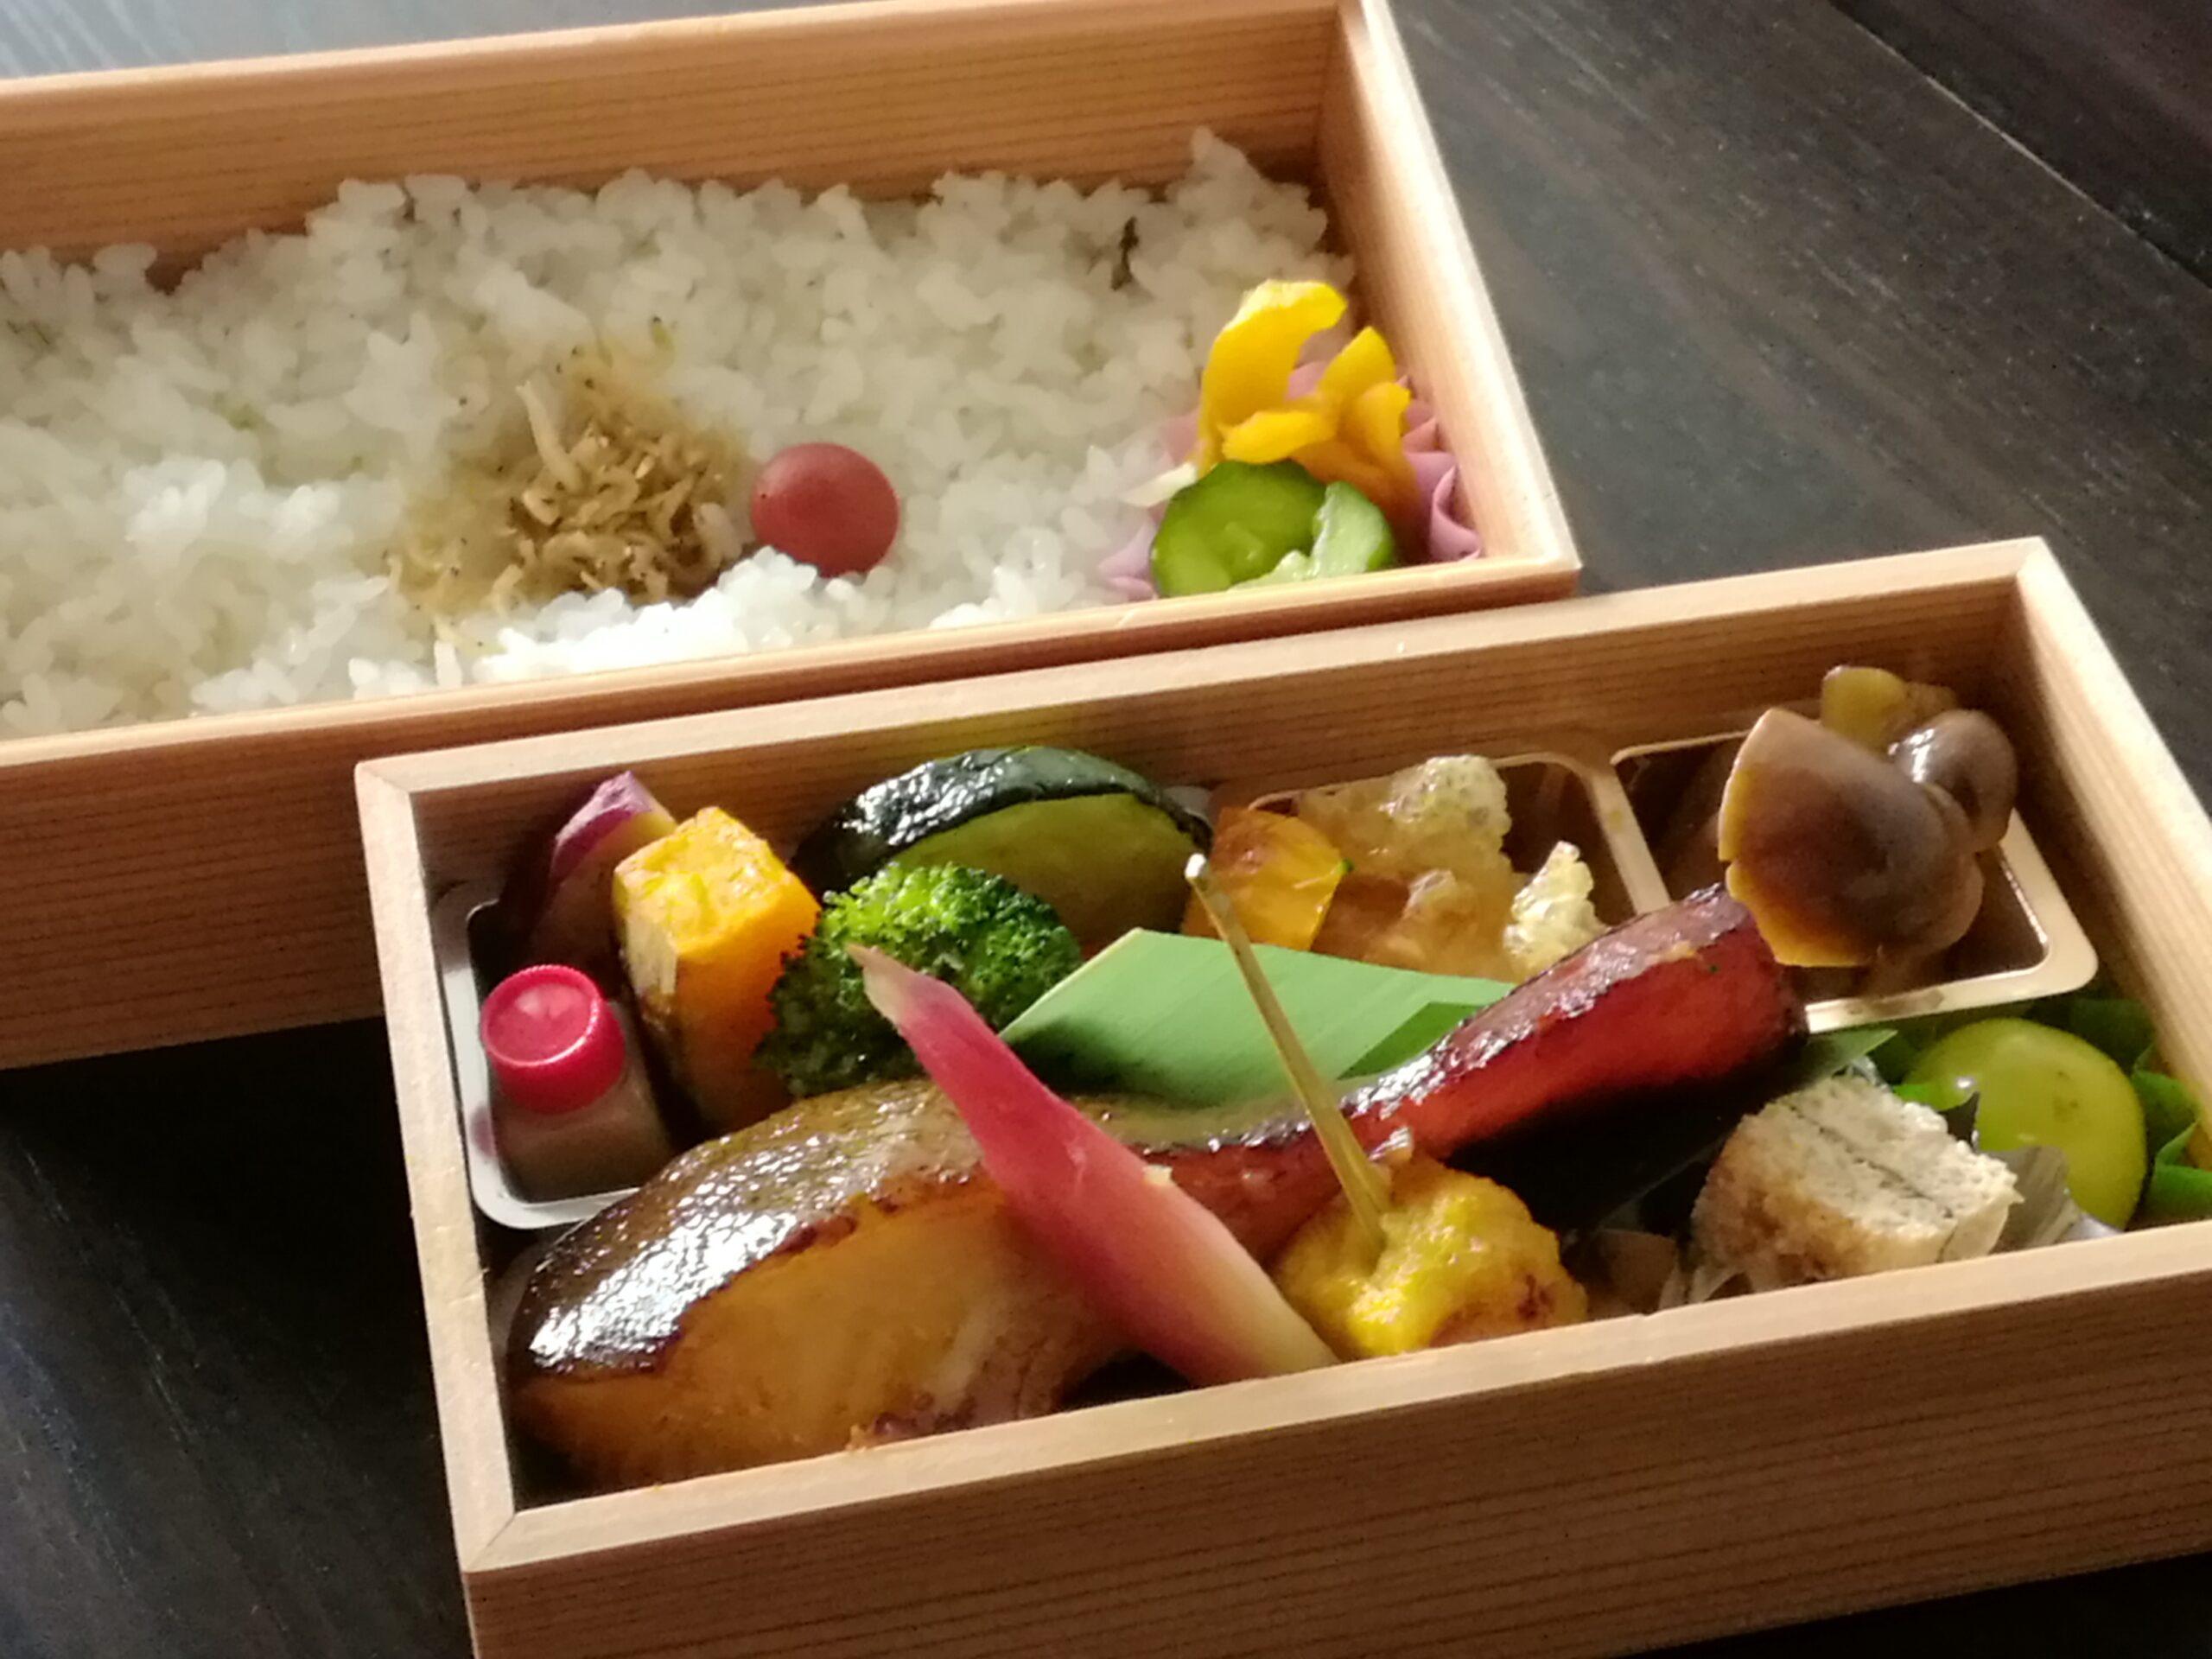 【銀だら西京焼弁当】2,700円/炊込ご飯3,240円<p>銀だら西京焼と 旬の品々を詰めた御弁当です。</p>